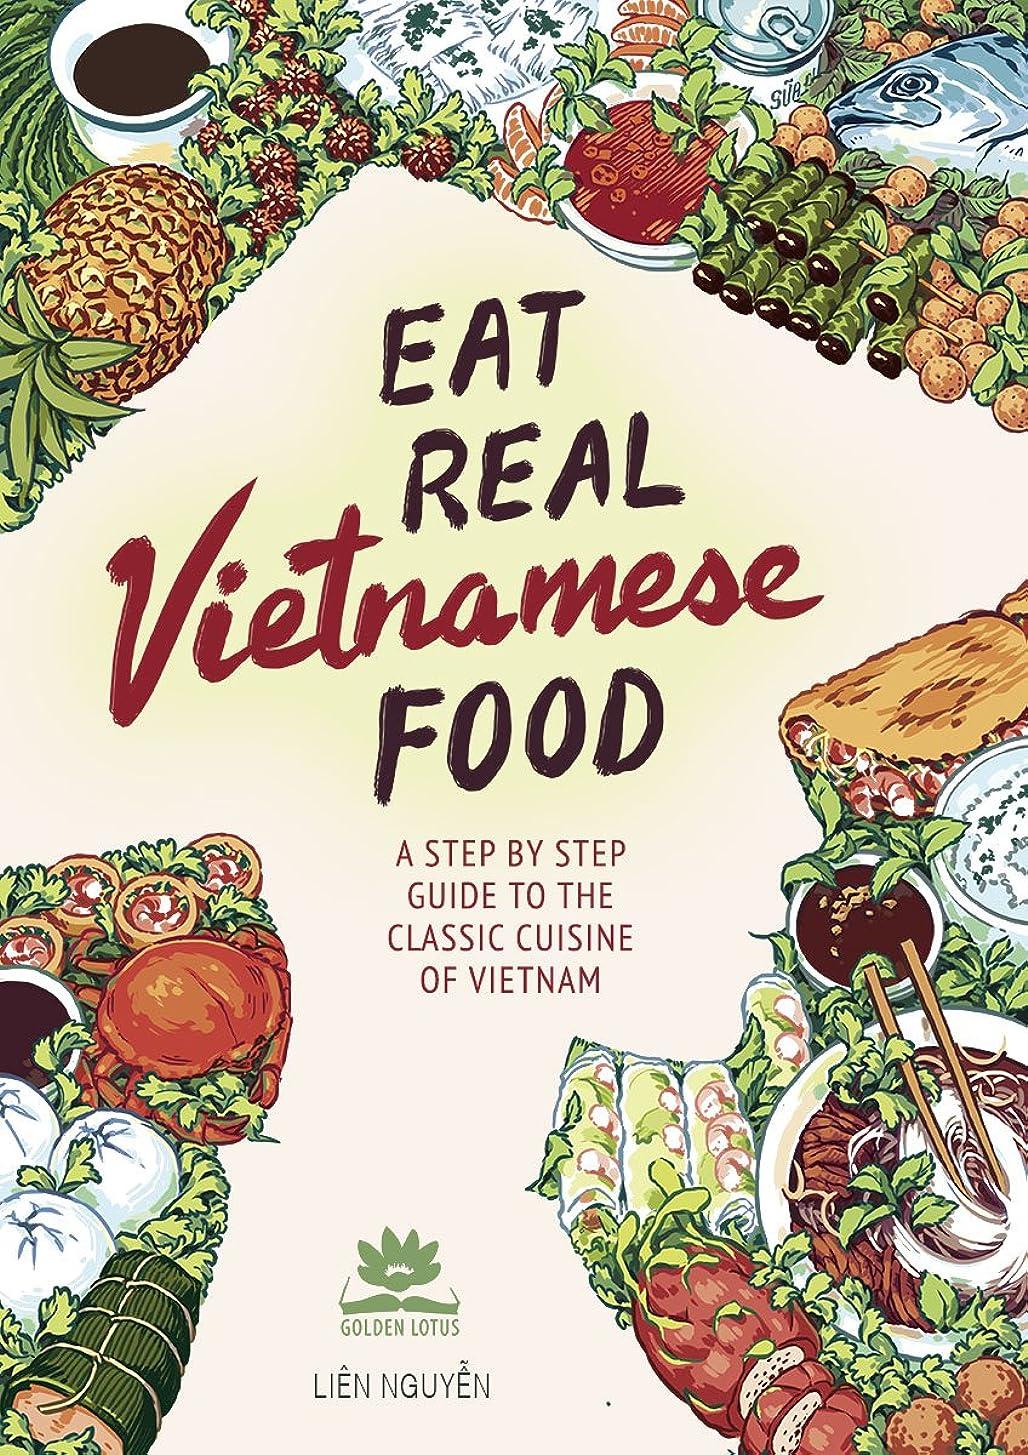 ポーン宣伝すべきEat Real Vietnamese Food: A Step By Step Guide to the Classic Cuisine of Vietnam (English Edition)